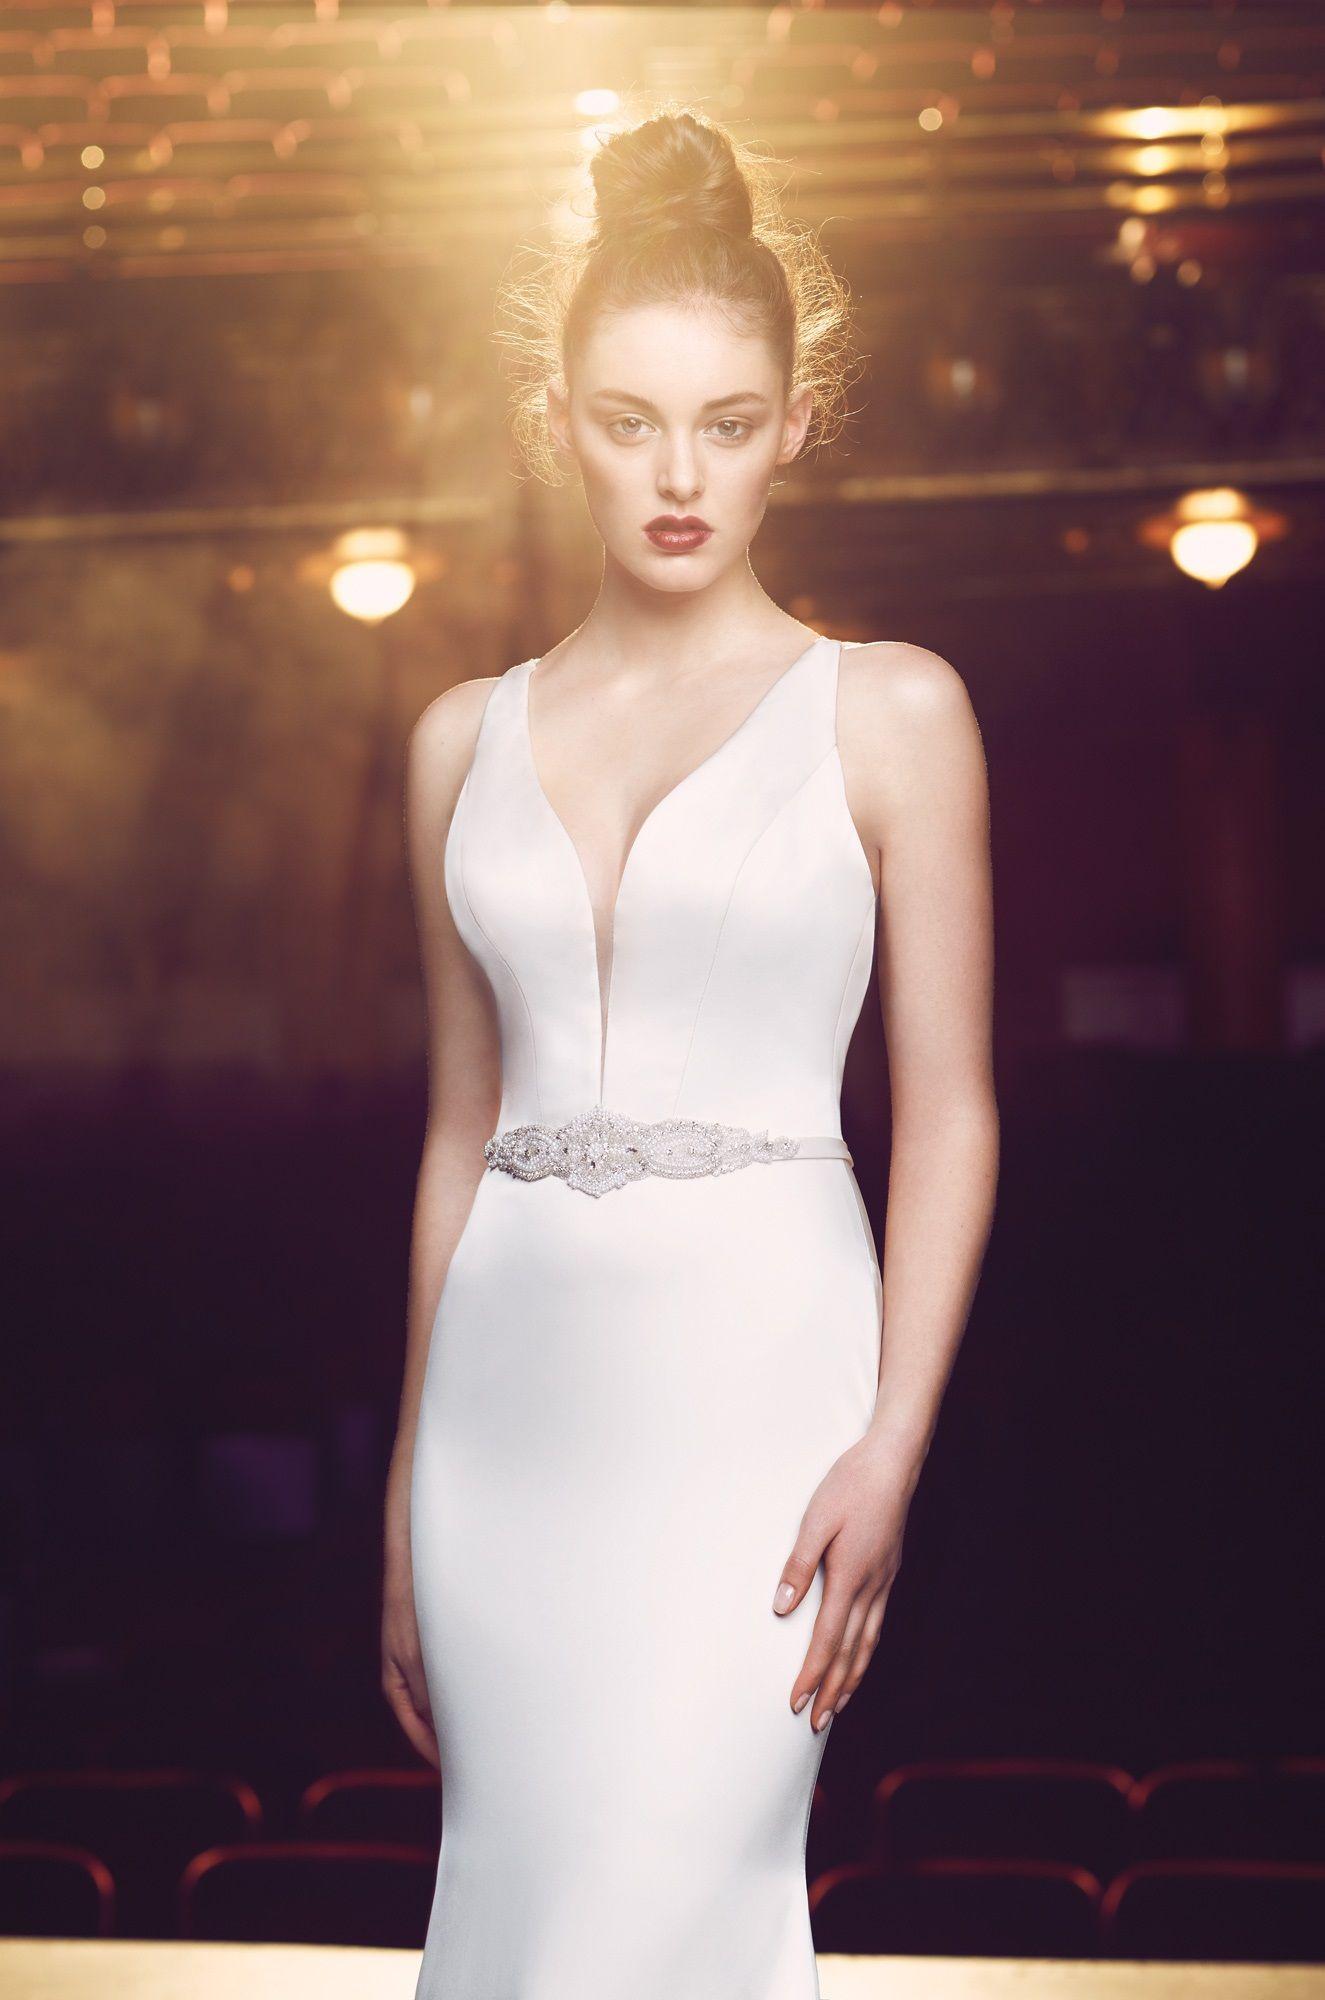 Plunging neckline wedding dress style wedding pinterest